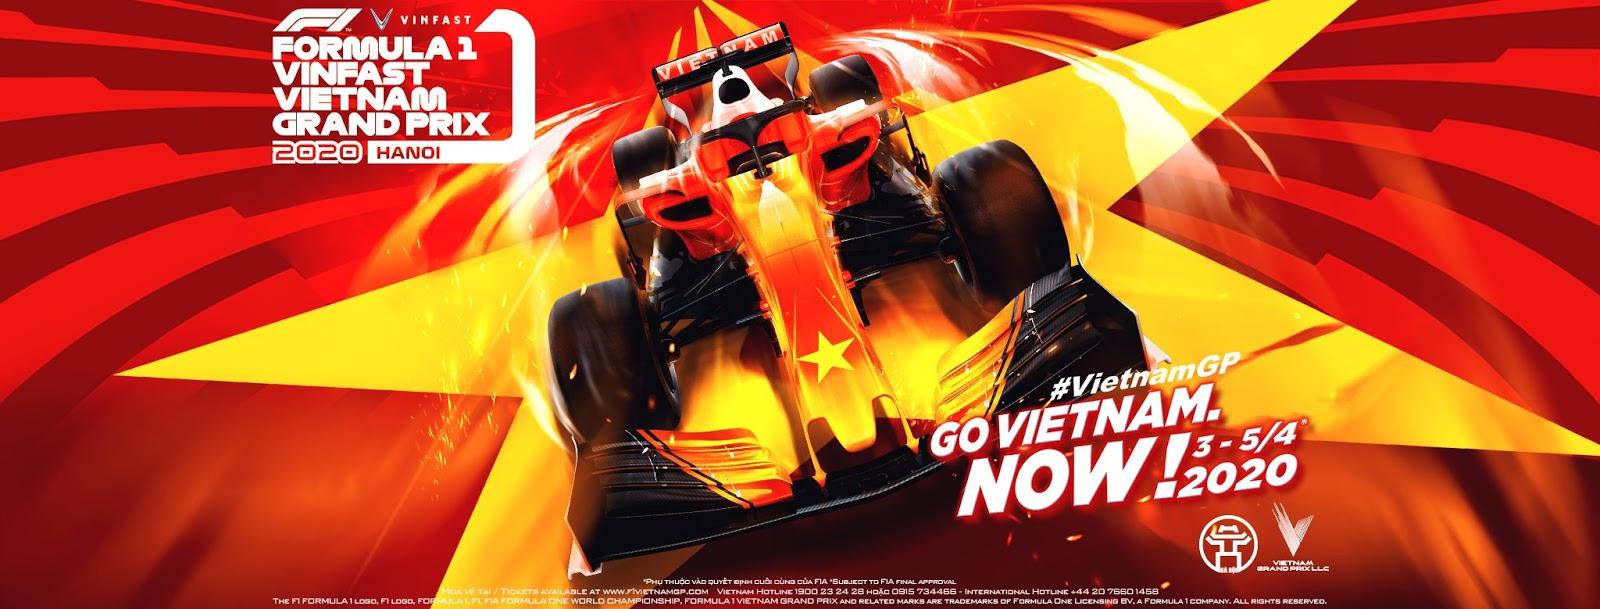 Chỉ từ 700,000đ sở hữu ngay vé xem tận mắt cuộc đua xe công thứ 1 VinFast Vietnam Grand Prix